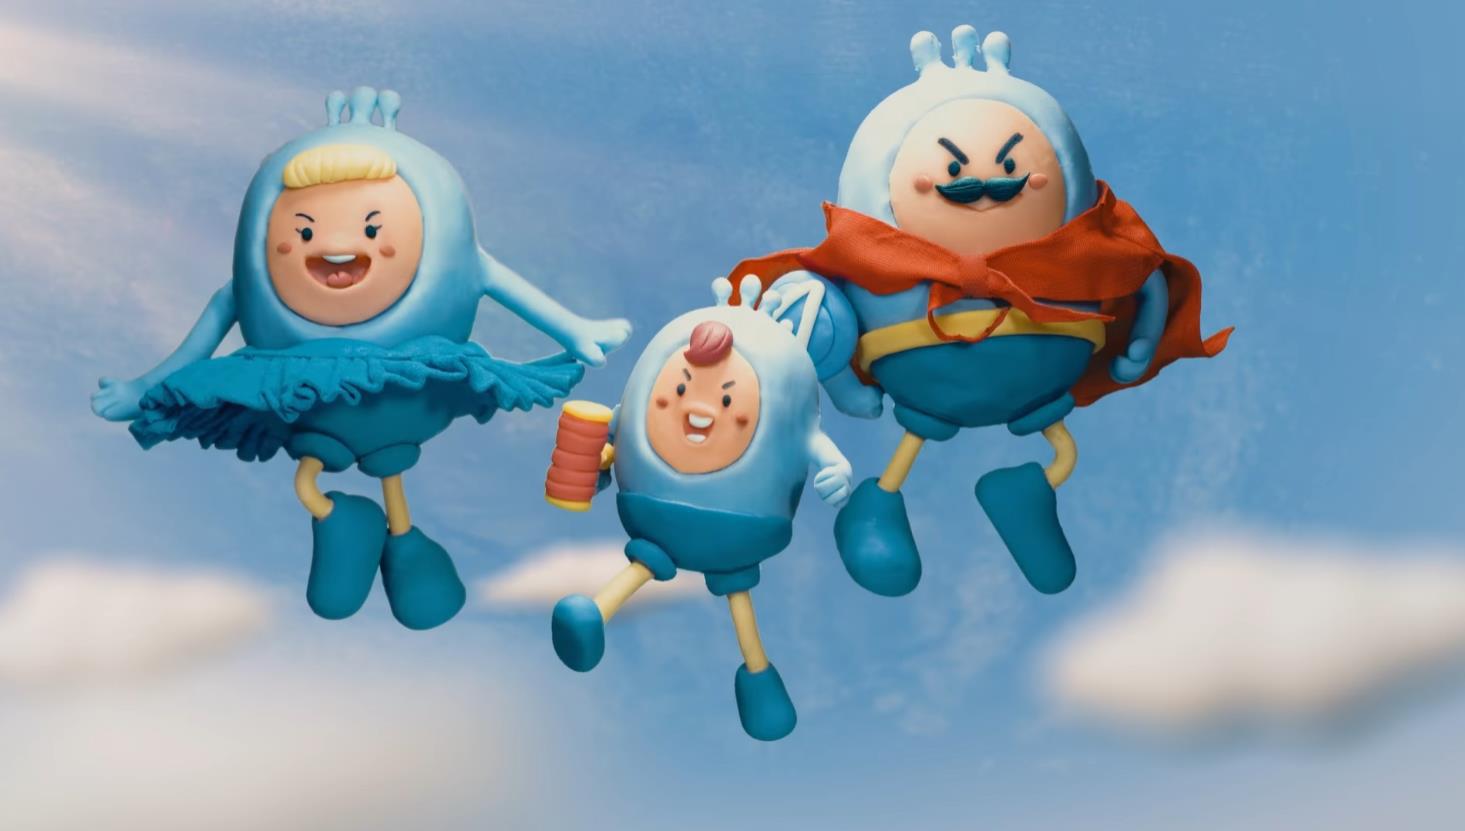 """Cần gì ra rạp mới xem được phim hay, """"bom tấn"""" hoạt hình siêu anh hùng dành cho cả nhà giải trí đây rồi - Ảnh 4."""